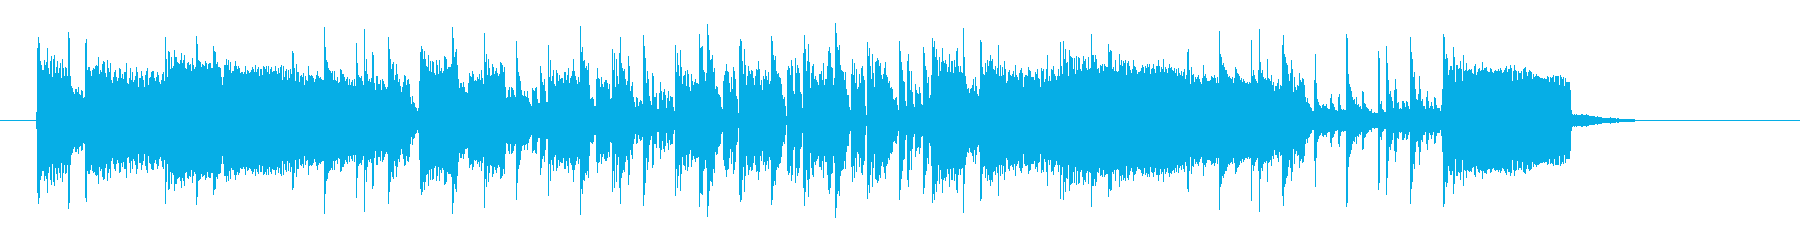 ミディアムテンポの軽快なポップスの再生済みの波形